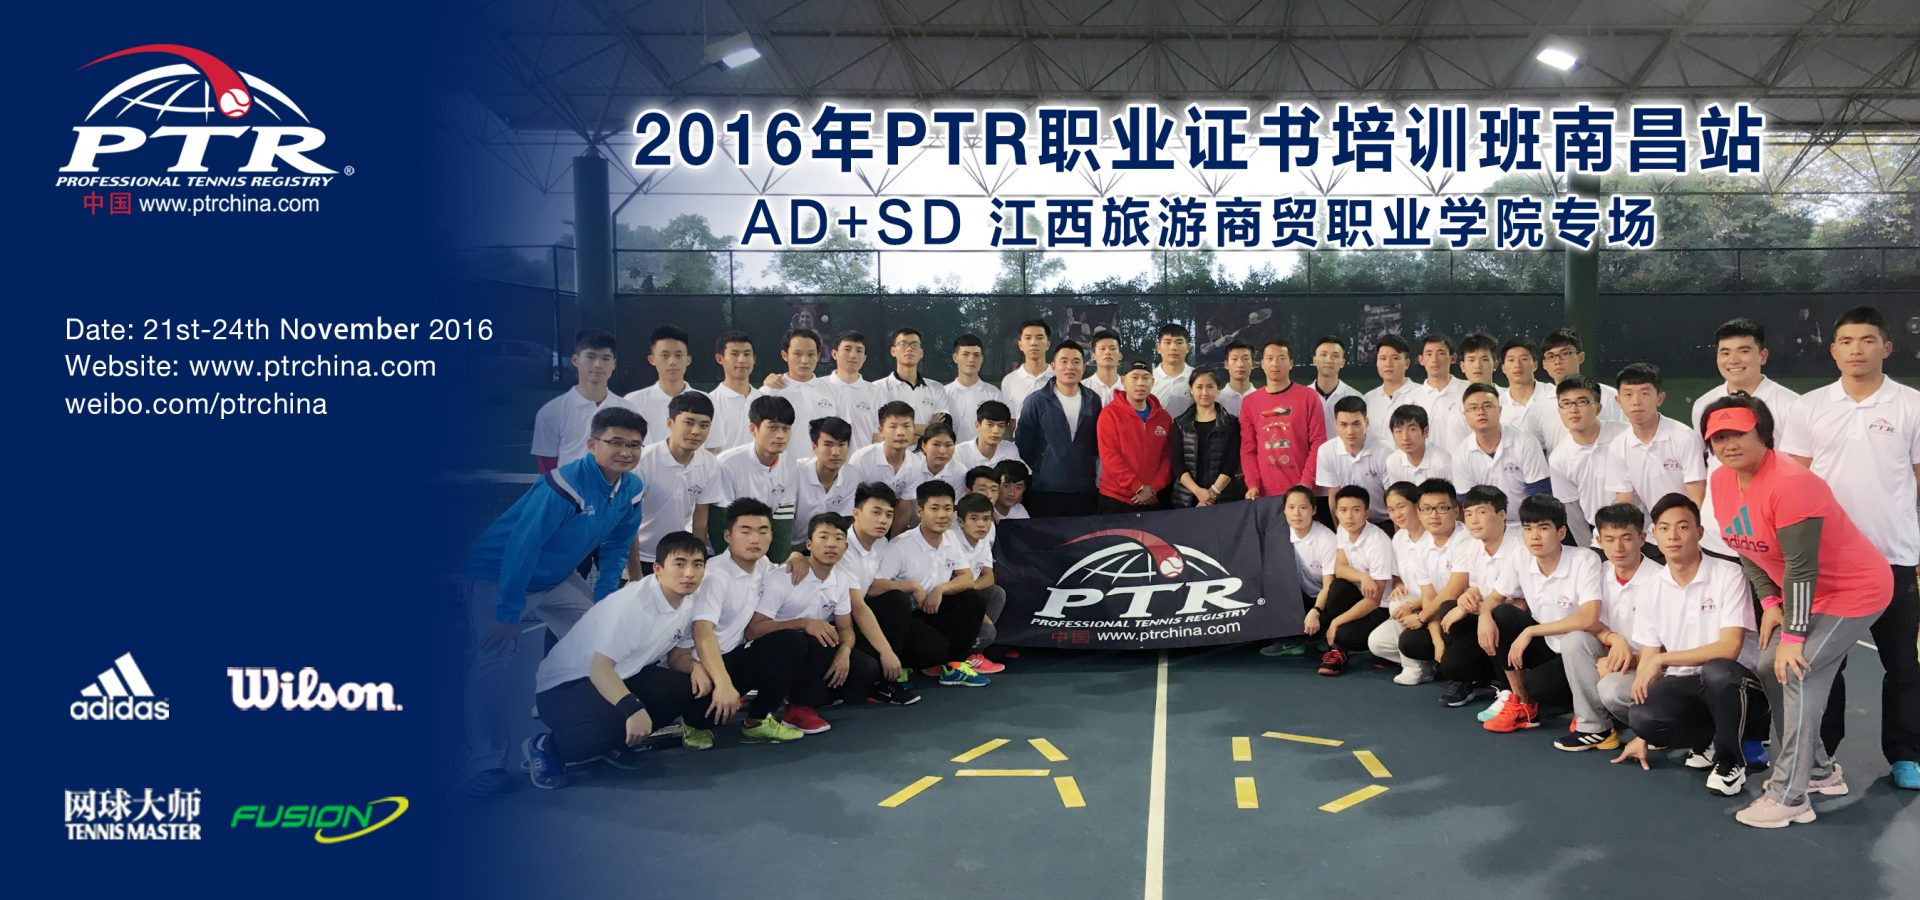 南昌站学院专场ADL1+SDL1培训班圆满结束!